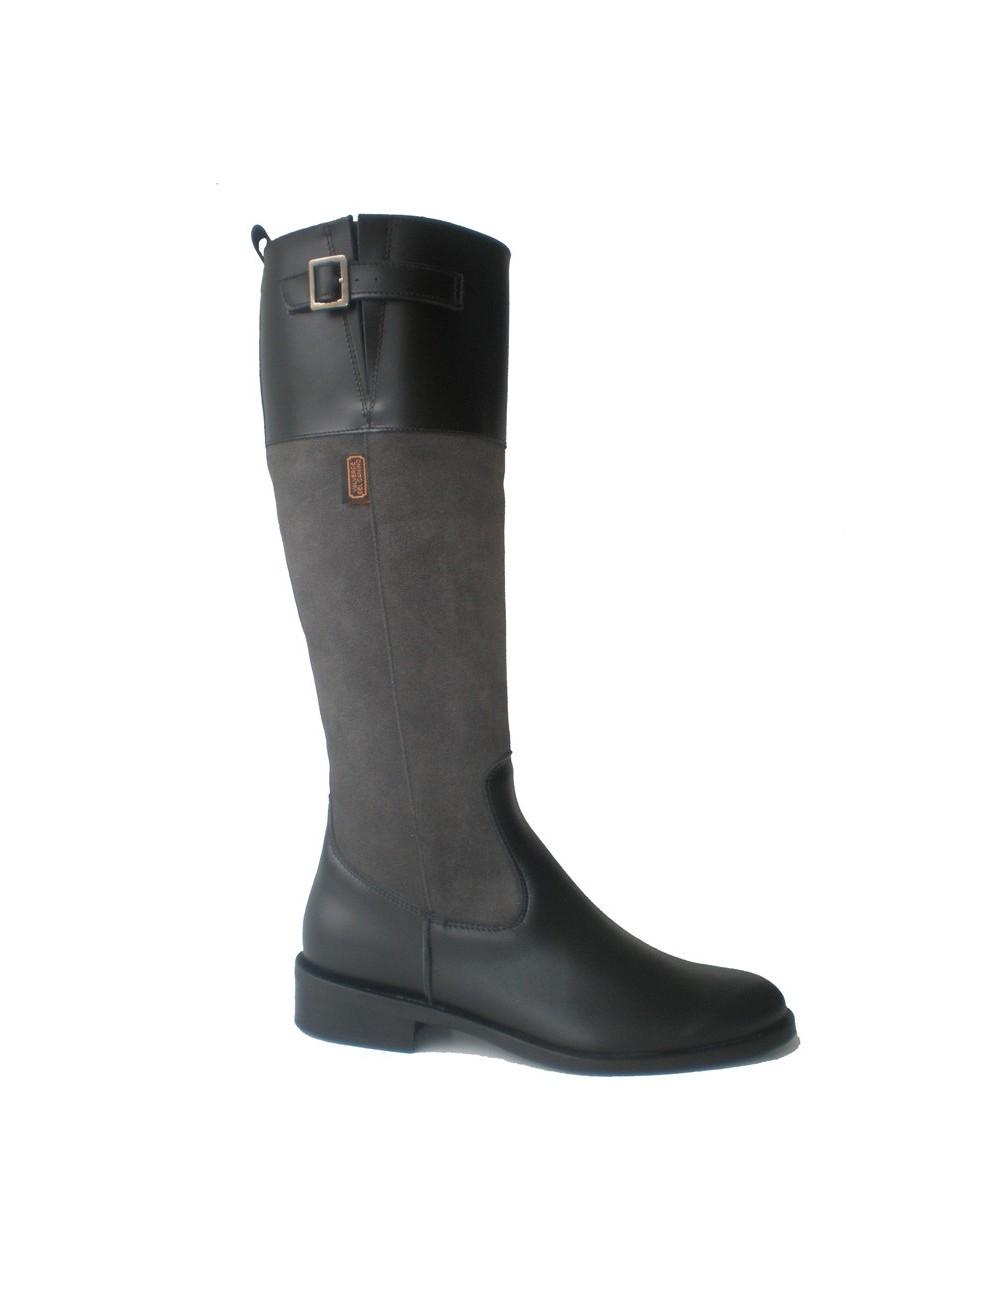 code promo a4f58 b7a16 Bottes femme plates cuir gris et noir